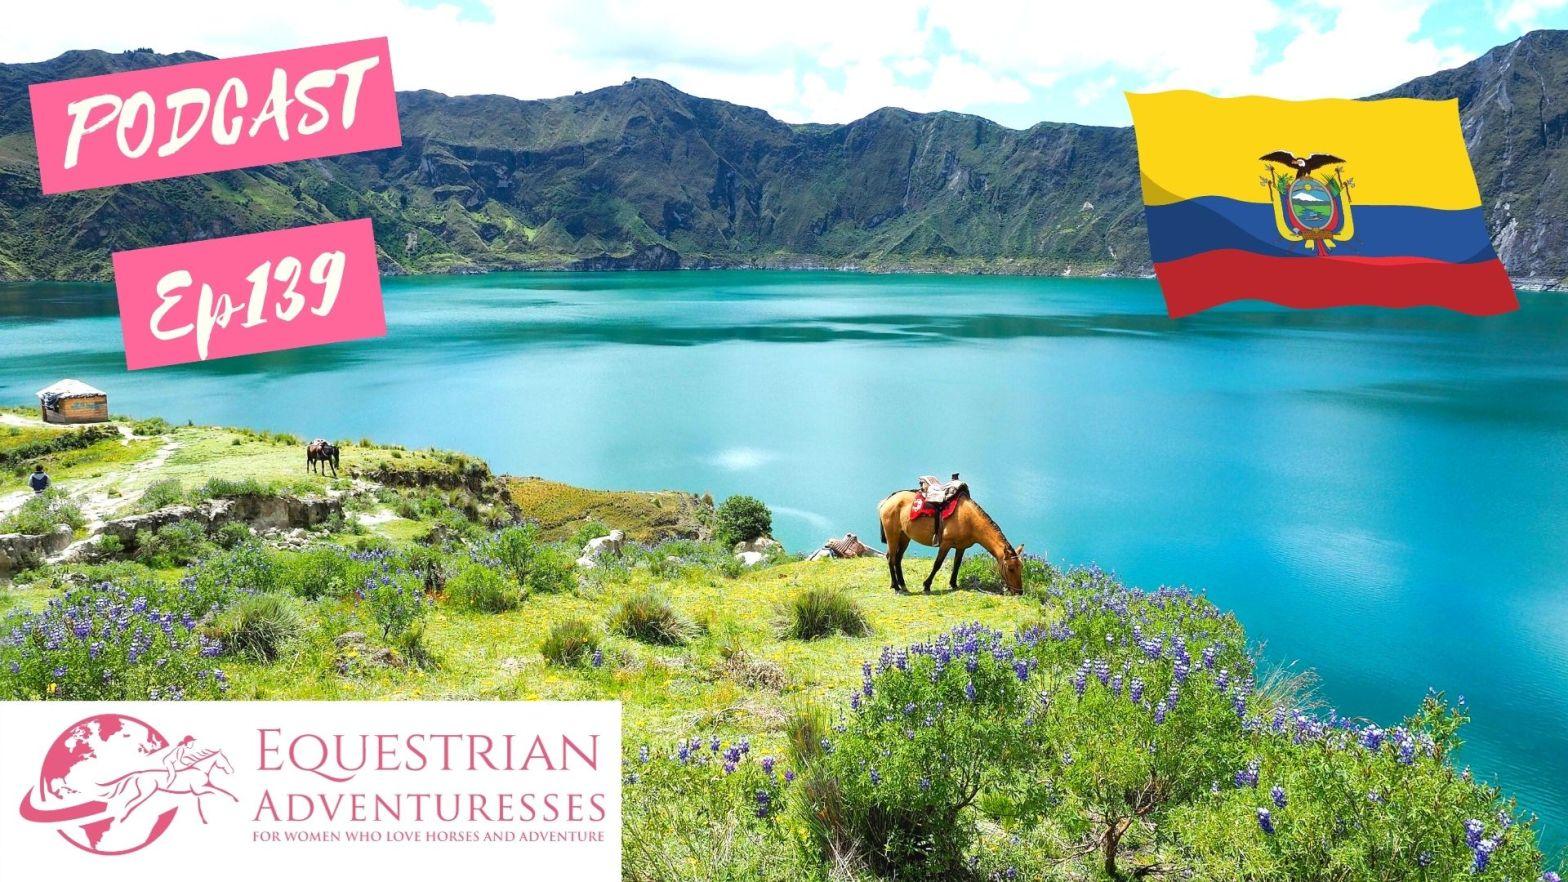 Equestrian Adventuresses Travel and Horse Podcast Ep 139 - Destination Ecuador